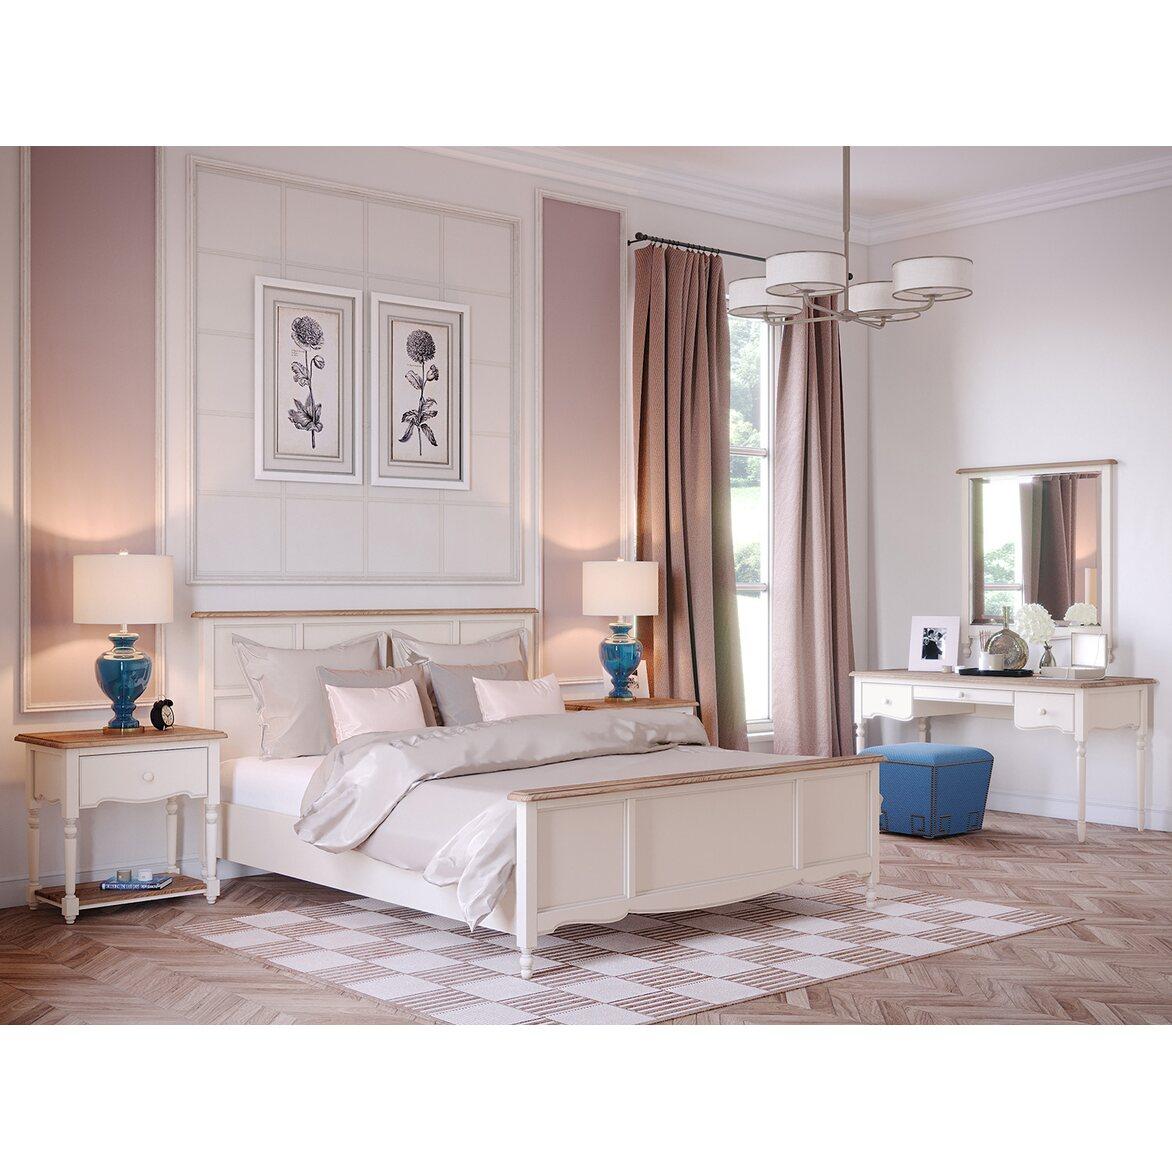 Кровать односпальная 120*200 Leblanc, бежевая 4 | Односпальные кровати Kingsby